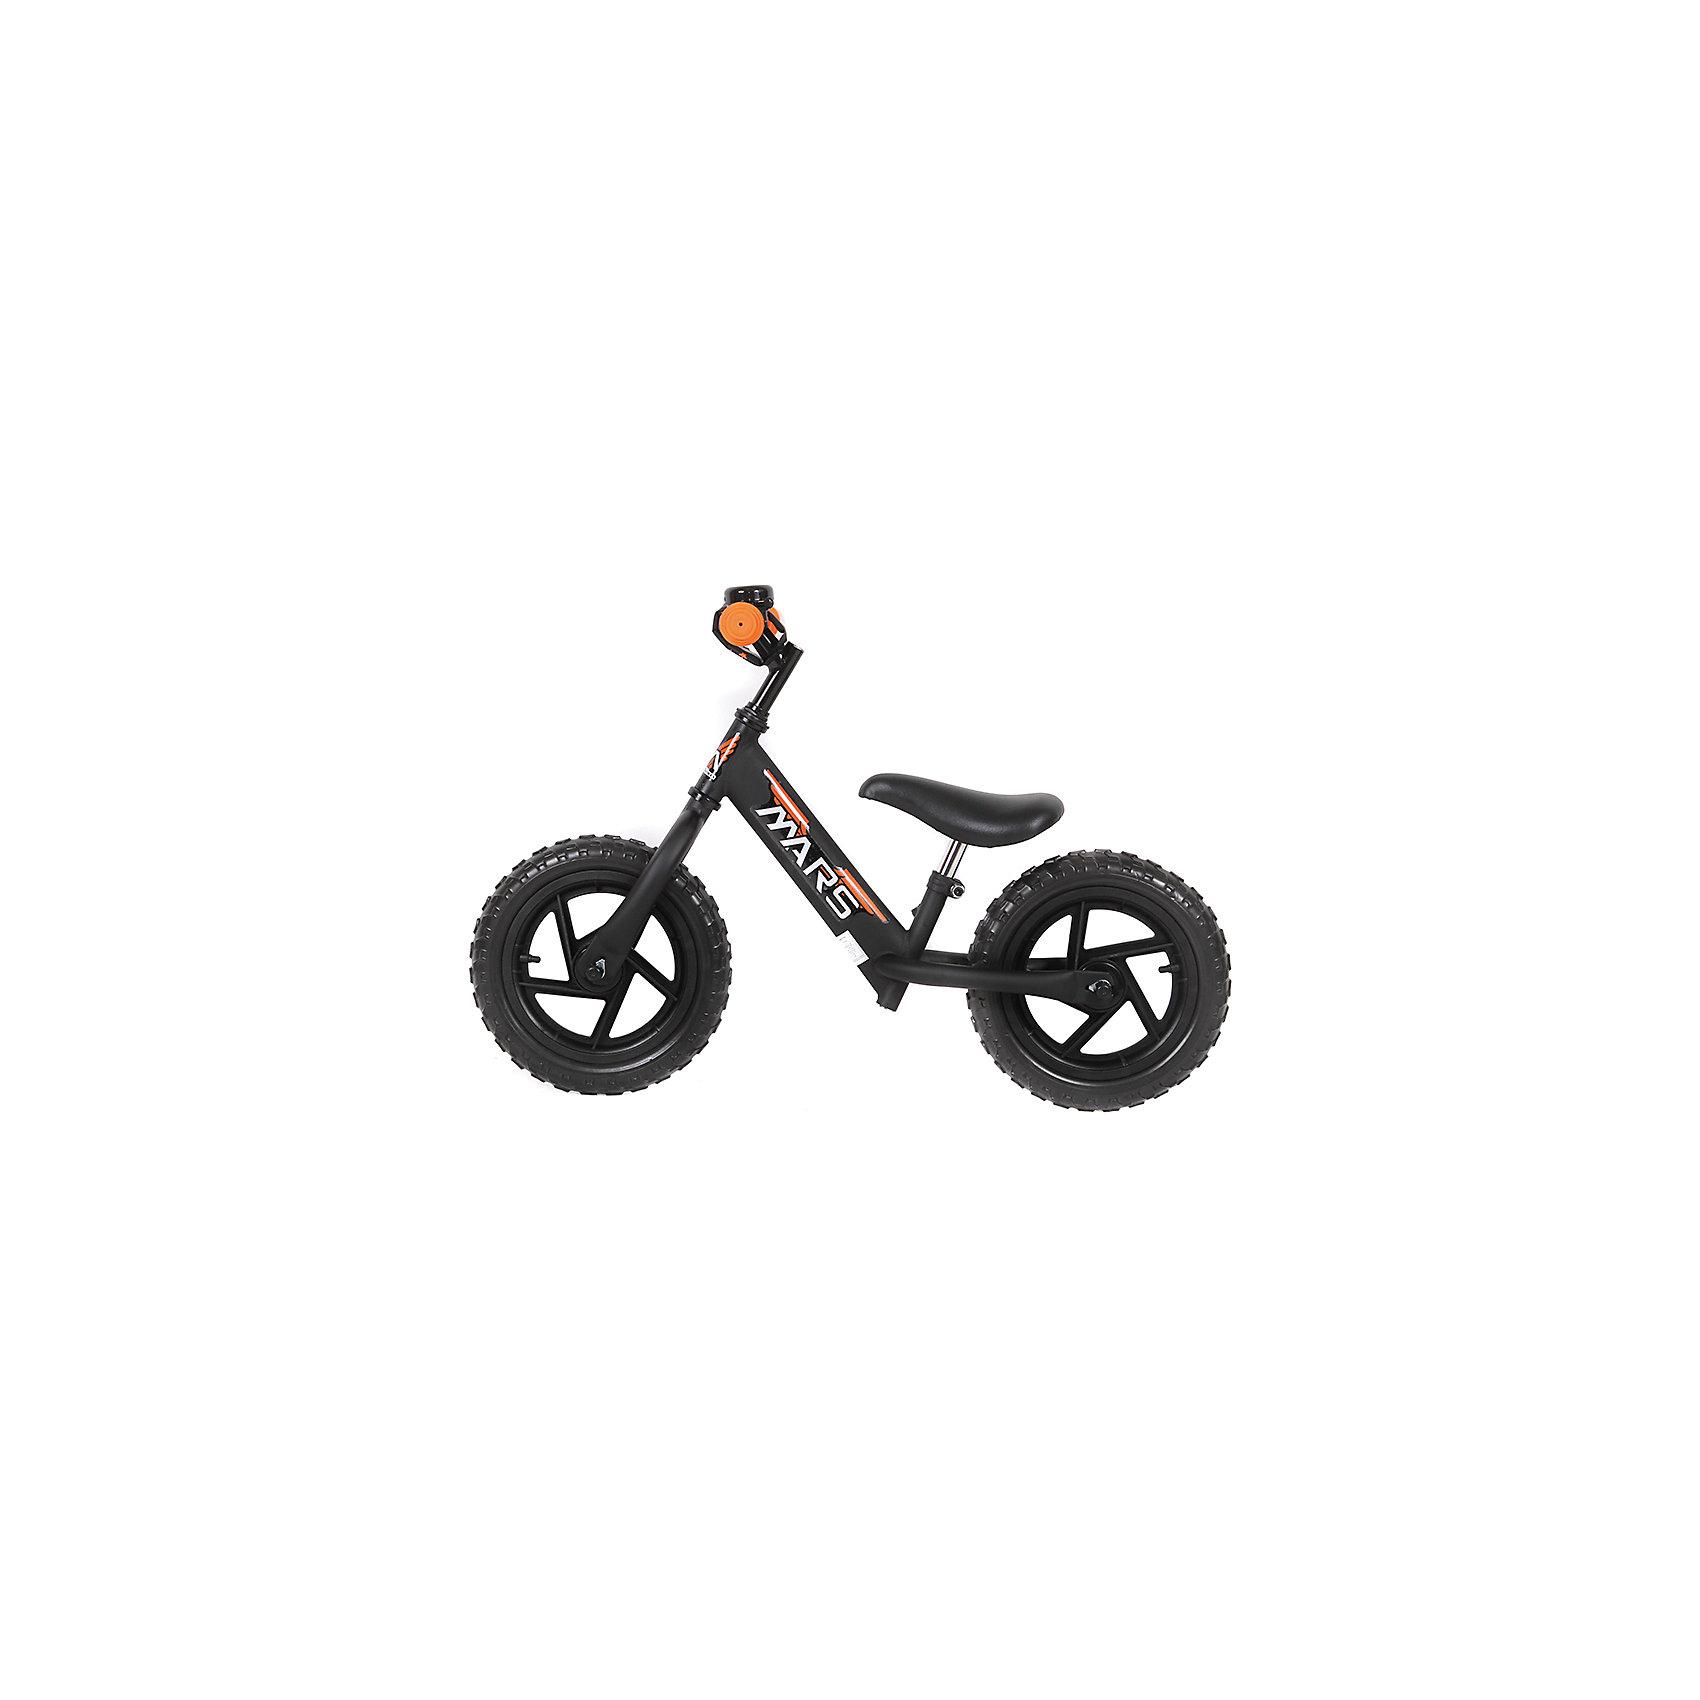 Беговел черный, NEW MARSБеговелы<br>Для малышей от трех до пяти лет специалисты создали велобег - заменитель двухколесного велосипеда.  Это велосипед - без педалей и цепи, он учит в первую очередь держать равновесие, на нем ребенок не сможет сильно разогнаться. На велобеге очень комфортно ездить благодаря продуманному размеру колес, их размер точно вымерен для того, чтобы обеспечить устойчивость на поворотах. С помощью велобега ребенок будет также развивать внимательность и пространственное мышление, а также учиться правильно использовать пространство.<br>Велобег выполнен в стильной расцветке, он произведен из высококачественных материалов. Эти материалы безопасны для ребенка. Он имеет созданную специалистами конструкцию, которая обеспечит ребенку комфорт и безопасность. Эта модель отличается удобным сиденьем, легкостью, возможностью отрегулировать руль и сиденье под рост ребенка.<br><br>Дополнительная информация:<br><br>цвет: черный;<br>прочная и легкая конструкция;<br>удобный руль;<br>диаметр колес 12 дюймов;<br>мягкое сидение  с возможностью регулировки высоты;<br>рама и вилка сделаны из алюминиевого сплава;<br>регулировка положения высоты руля;<br>резиновые колеса;<br>звонок.<br><br>Велобег, черный, от марки NEW MARS можно купить в нашем магазине.<br><br>Ширина мм: 800<br>Глубина мм: 300<br>Высота мм: 400<br>Вес г: 5200<br>Возраст от месяцев: 36<br>Возраст до месяцев: 60<br>Пол: Унисекс<br>Возраст: Детский<br>SKU: 4715390